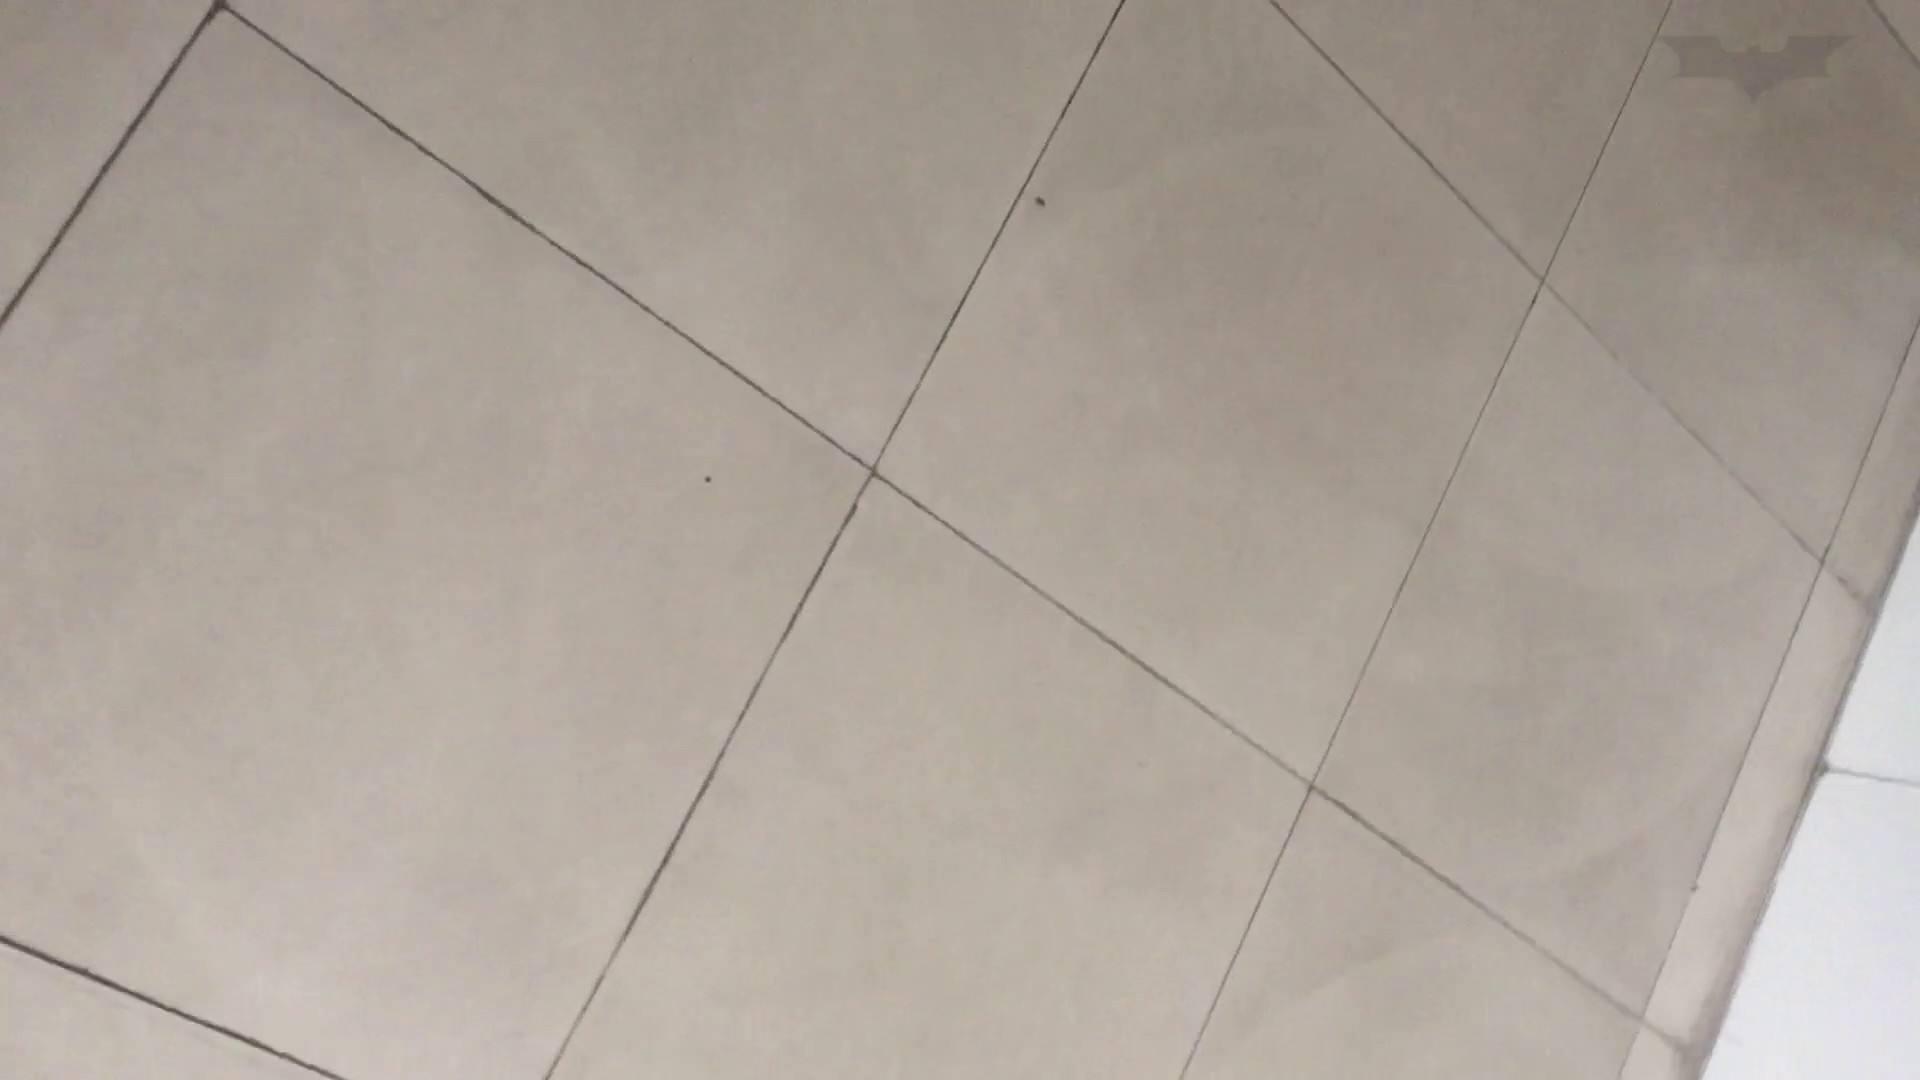 芸術大学ガチ潜入盗撮 JD盗撮 美女の洗面所の秘密 Vol.80 トイレの中の女の子 ぱこり動画紹介 57連発 31